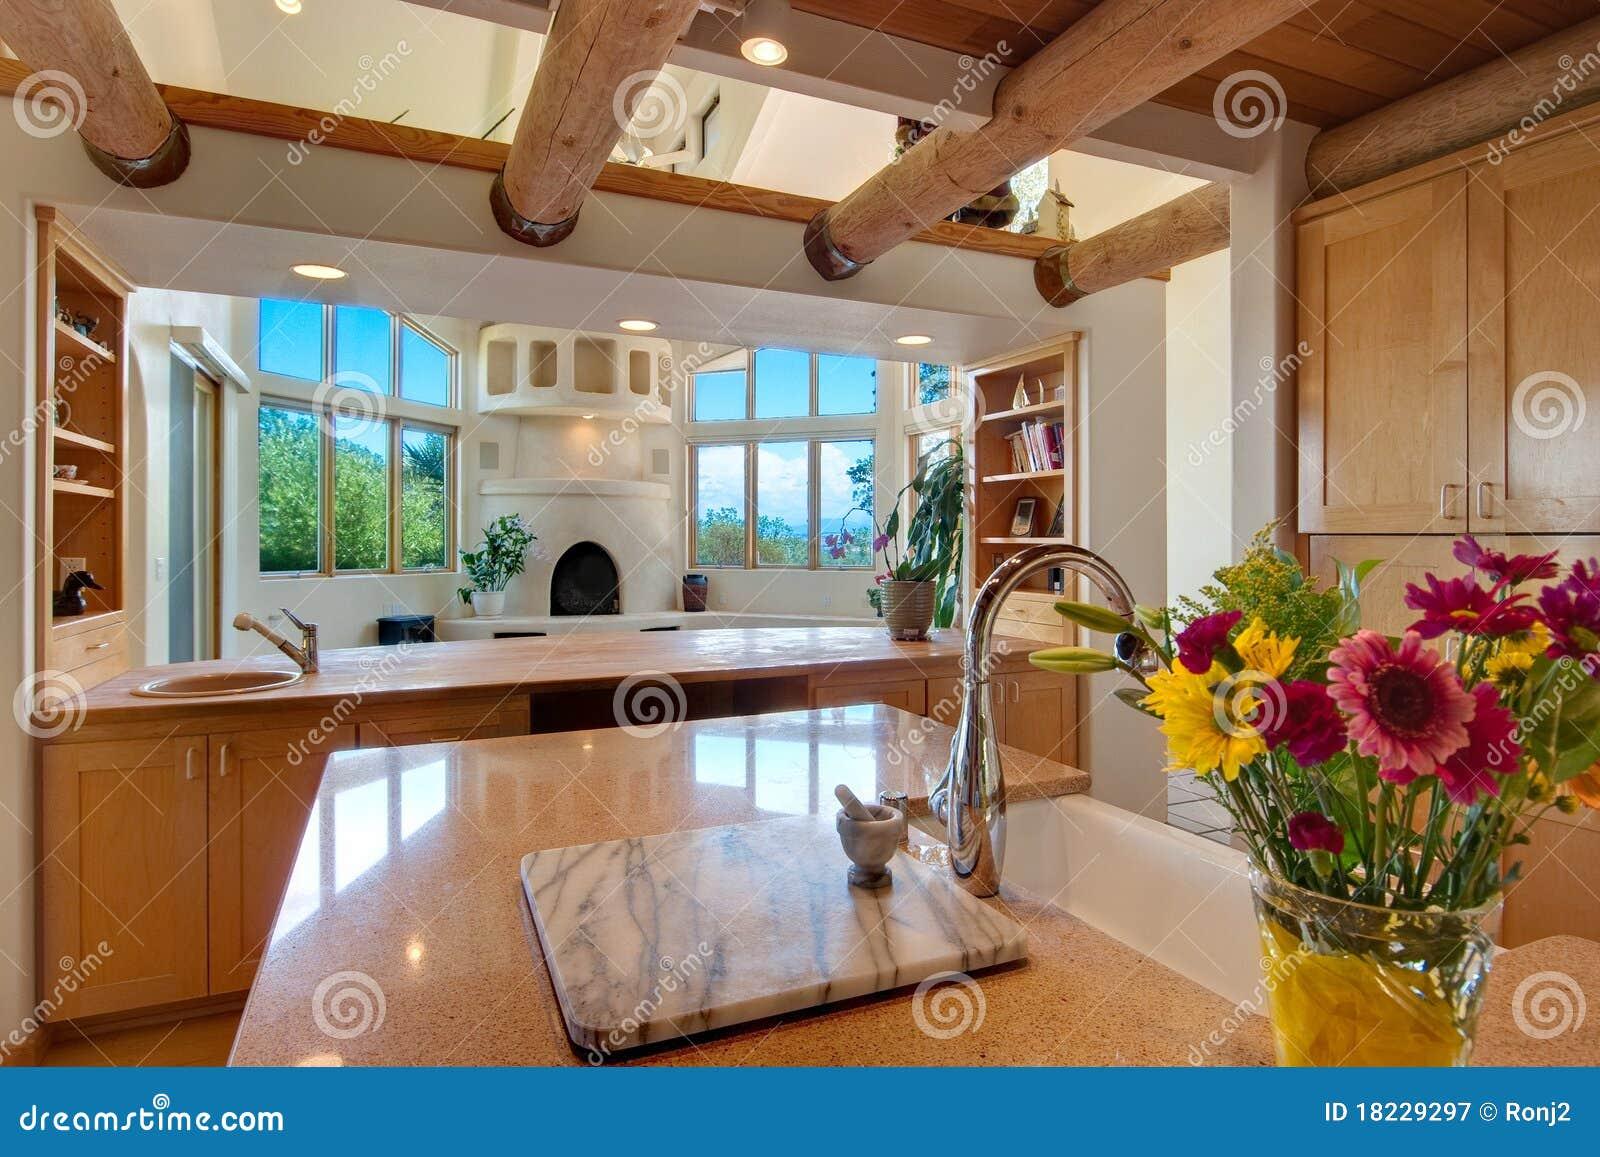 Southwest Style Kitchen Stock Image Image Of Lighting